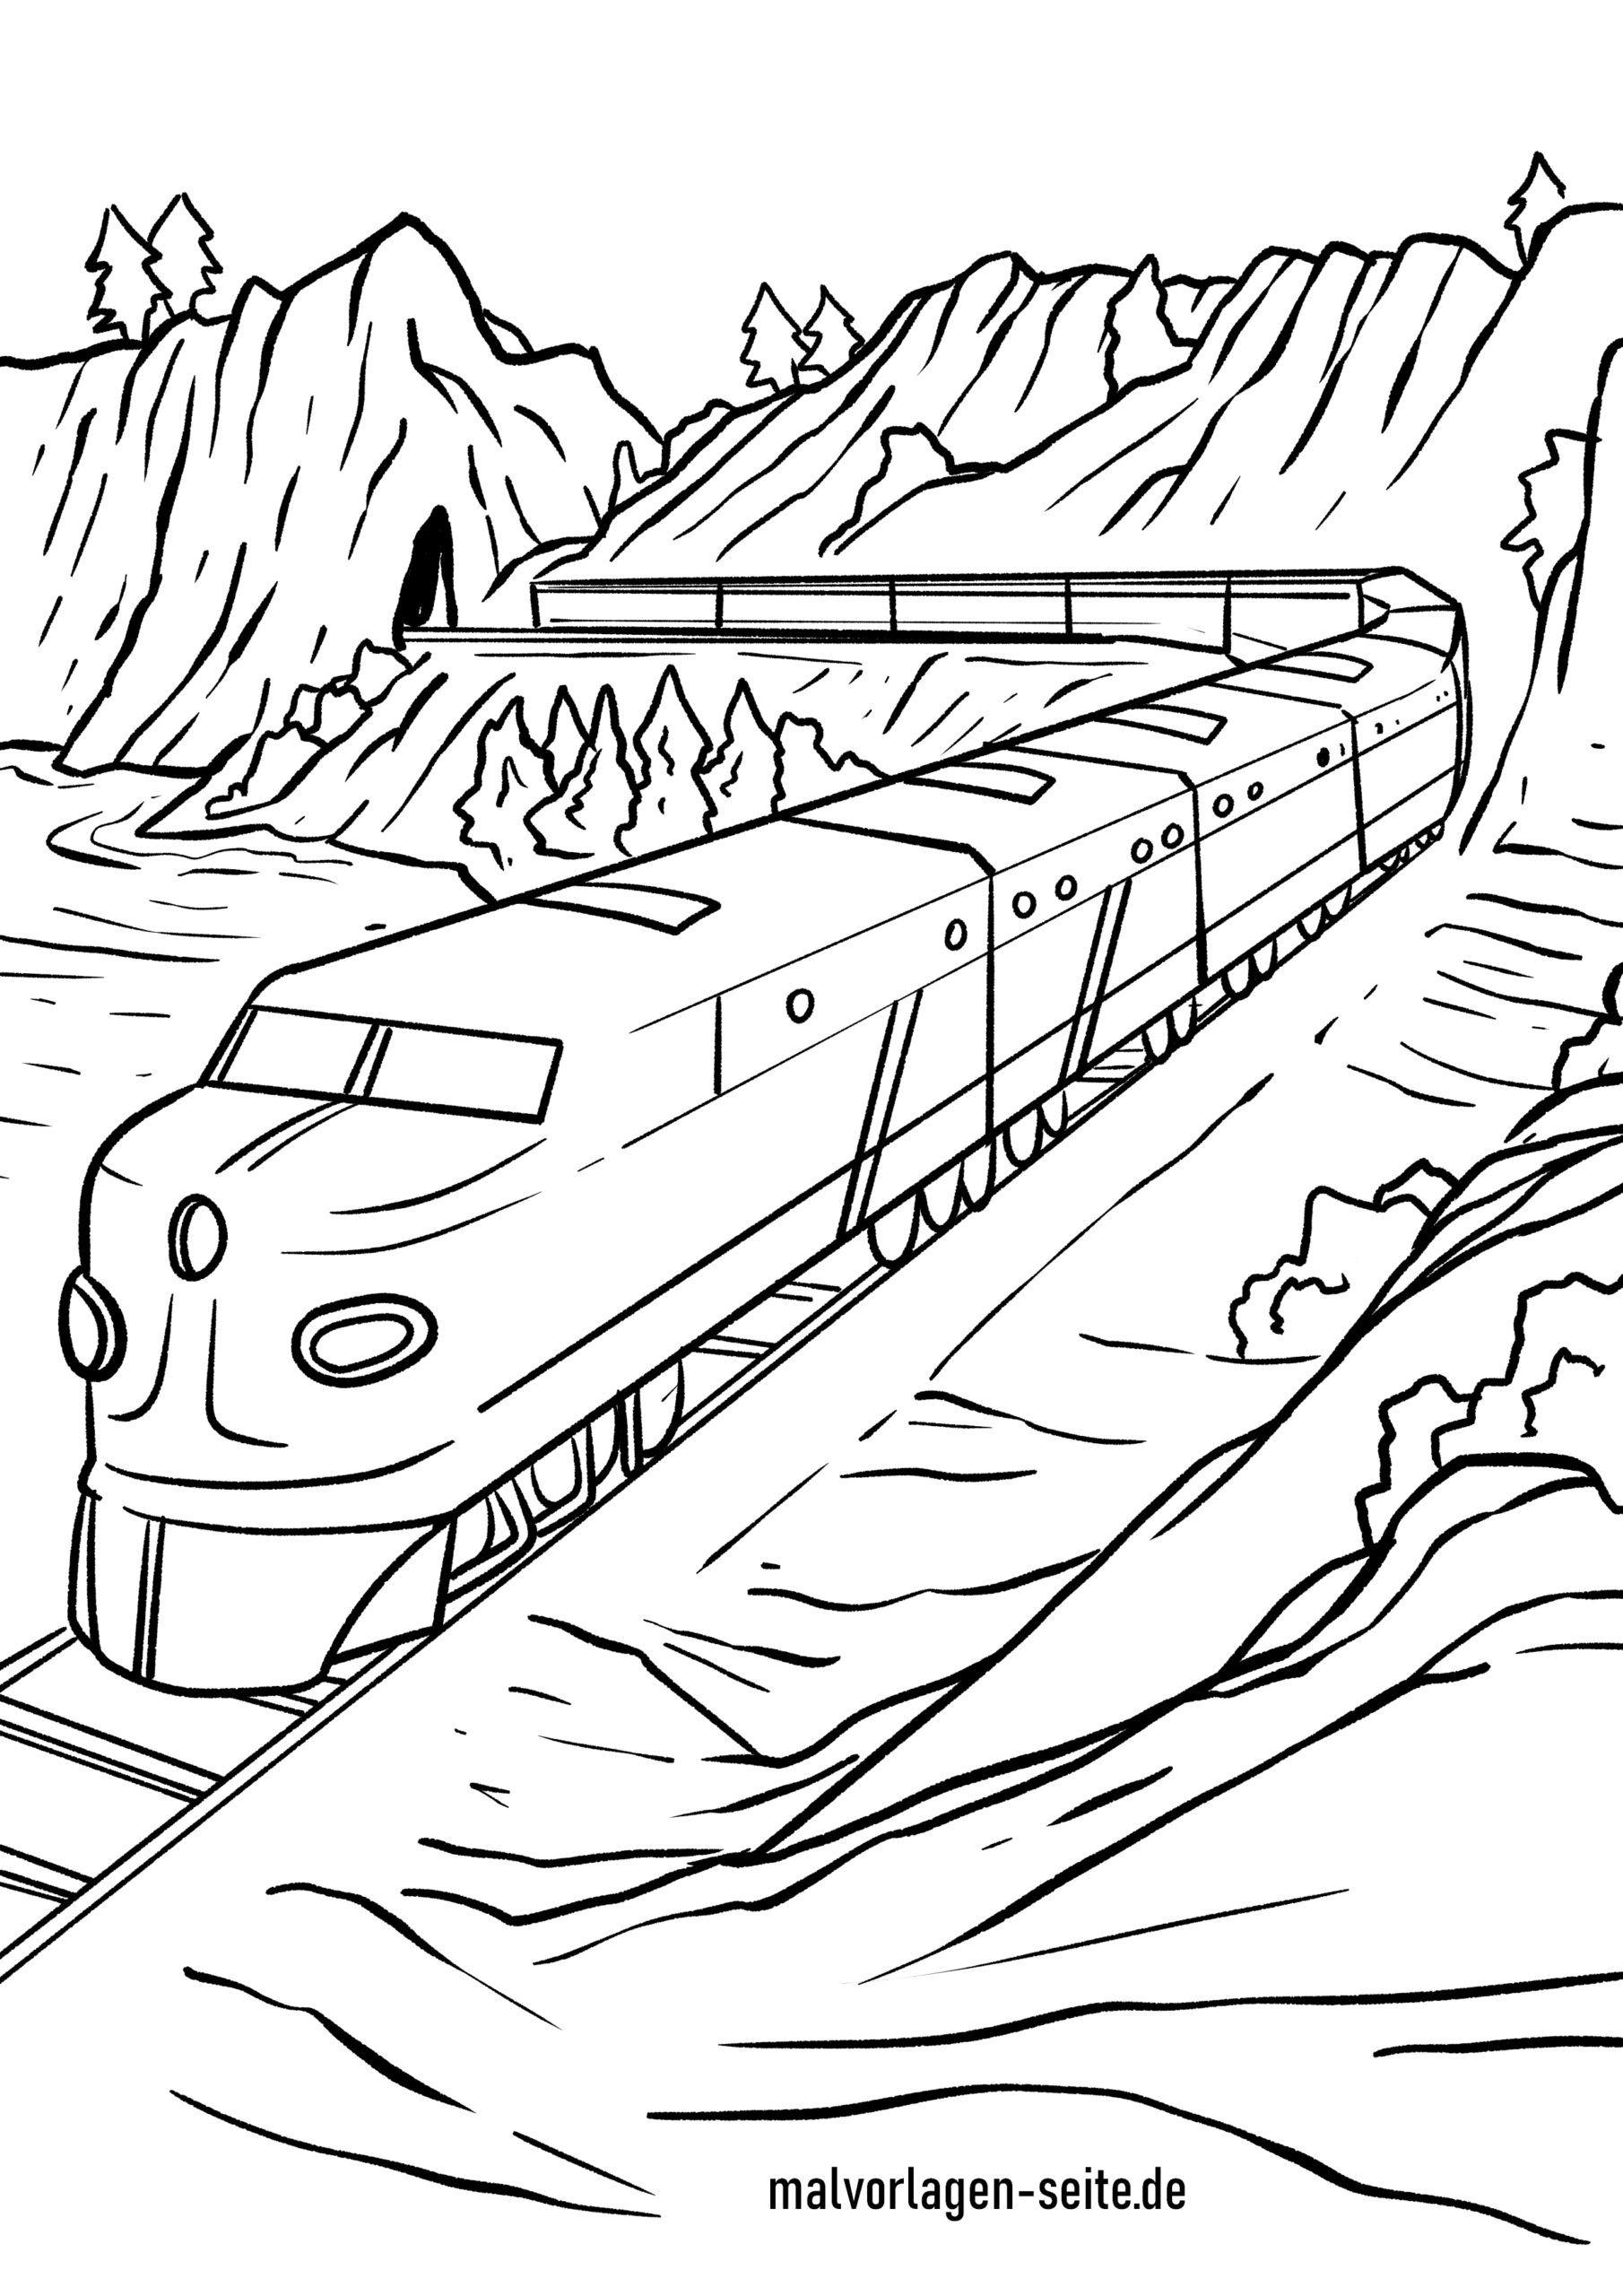 Malvorlage Eisenbahn - Ausmalbilder Kostenlos Herunterladen mit Eisenbahn Ausmalbilder